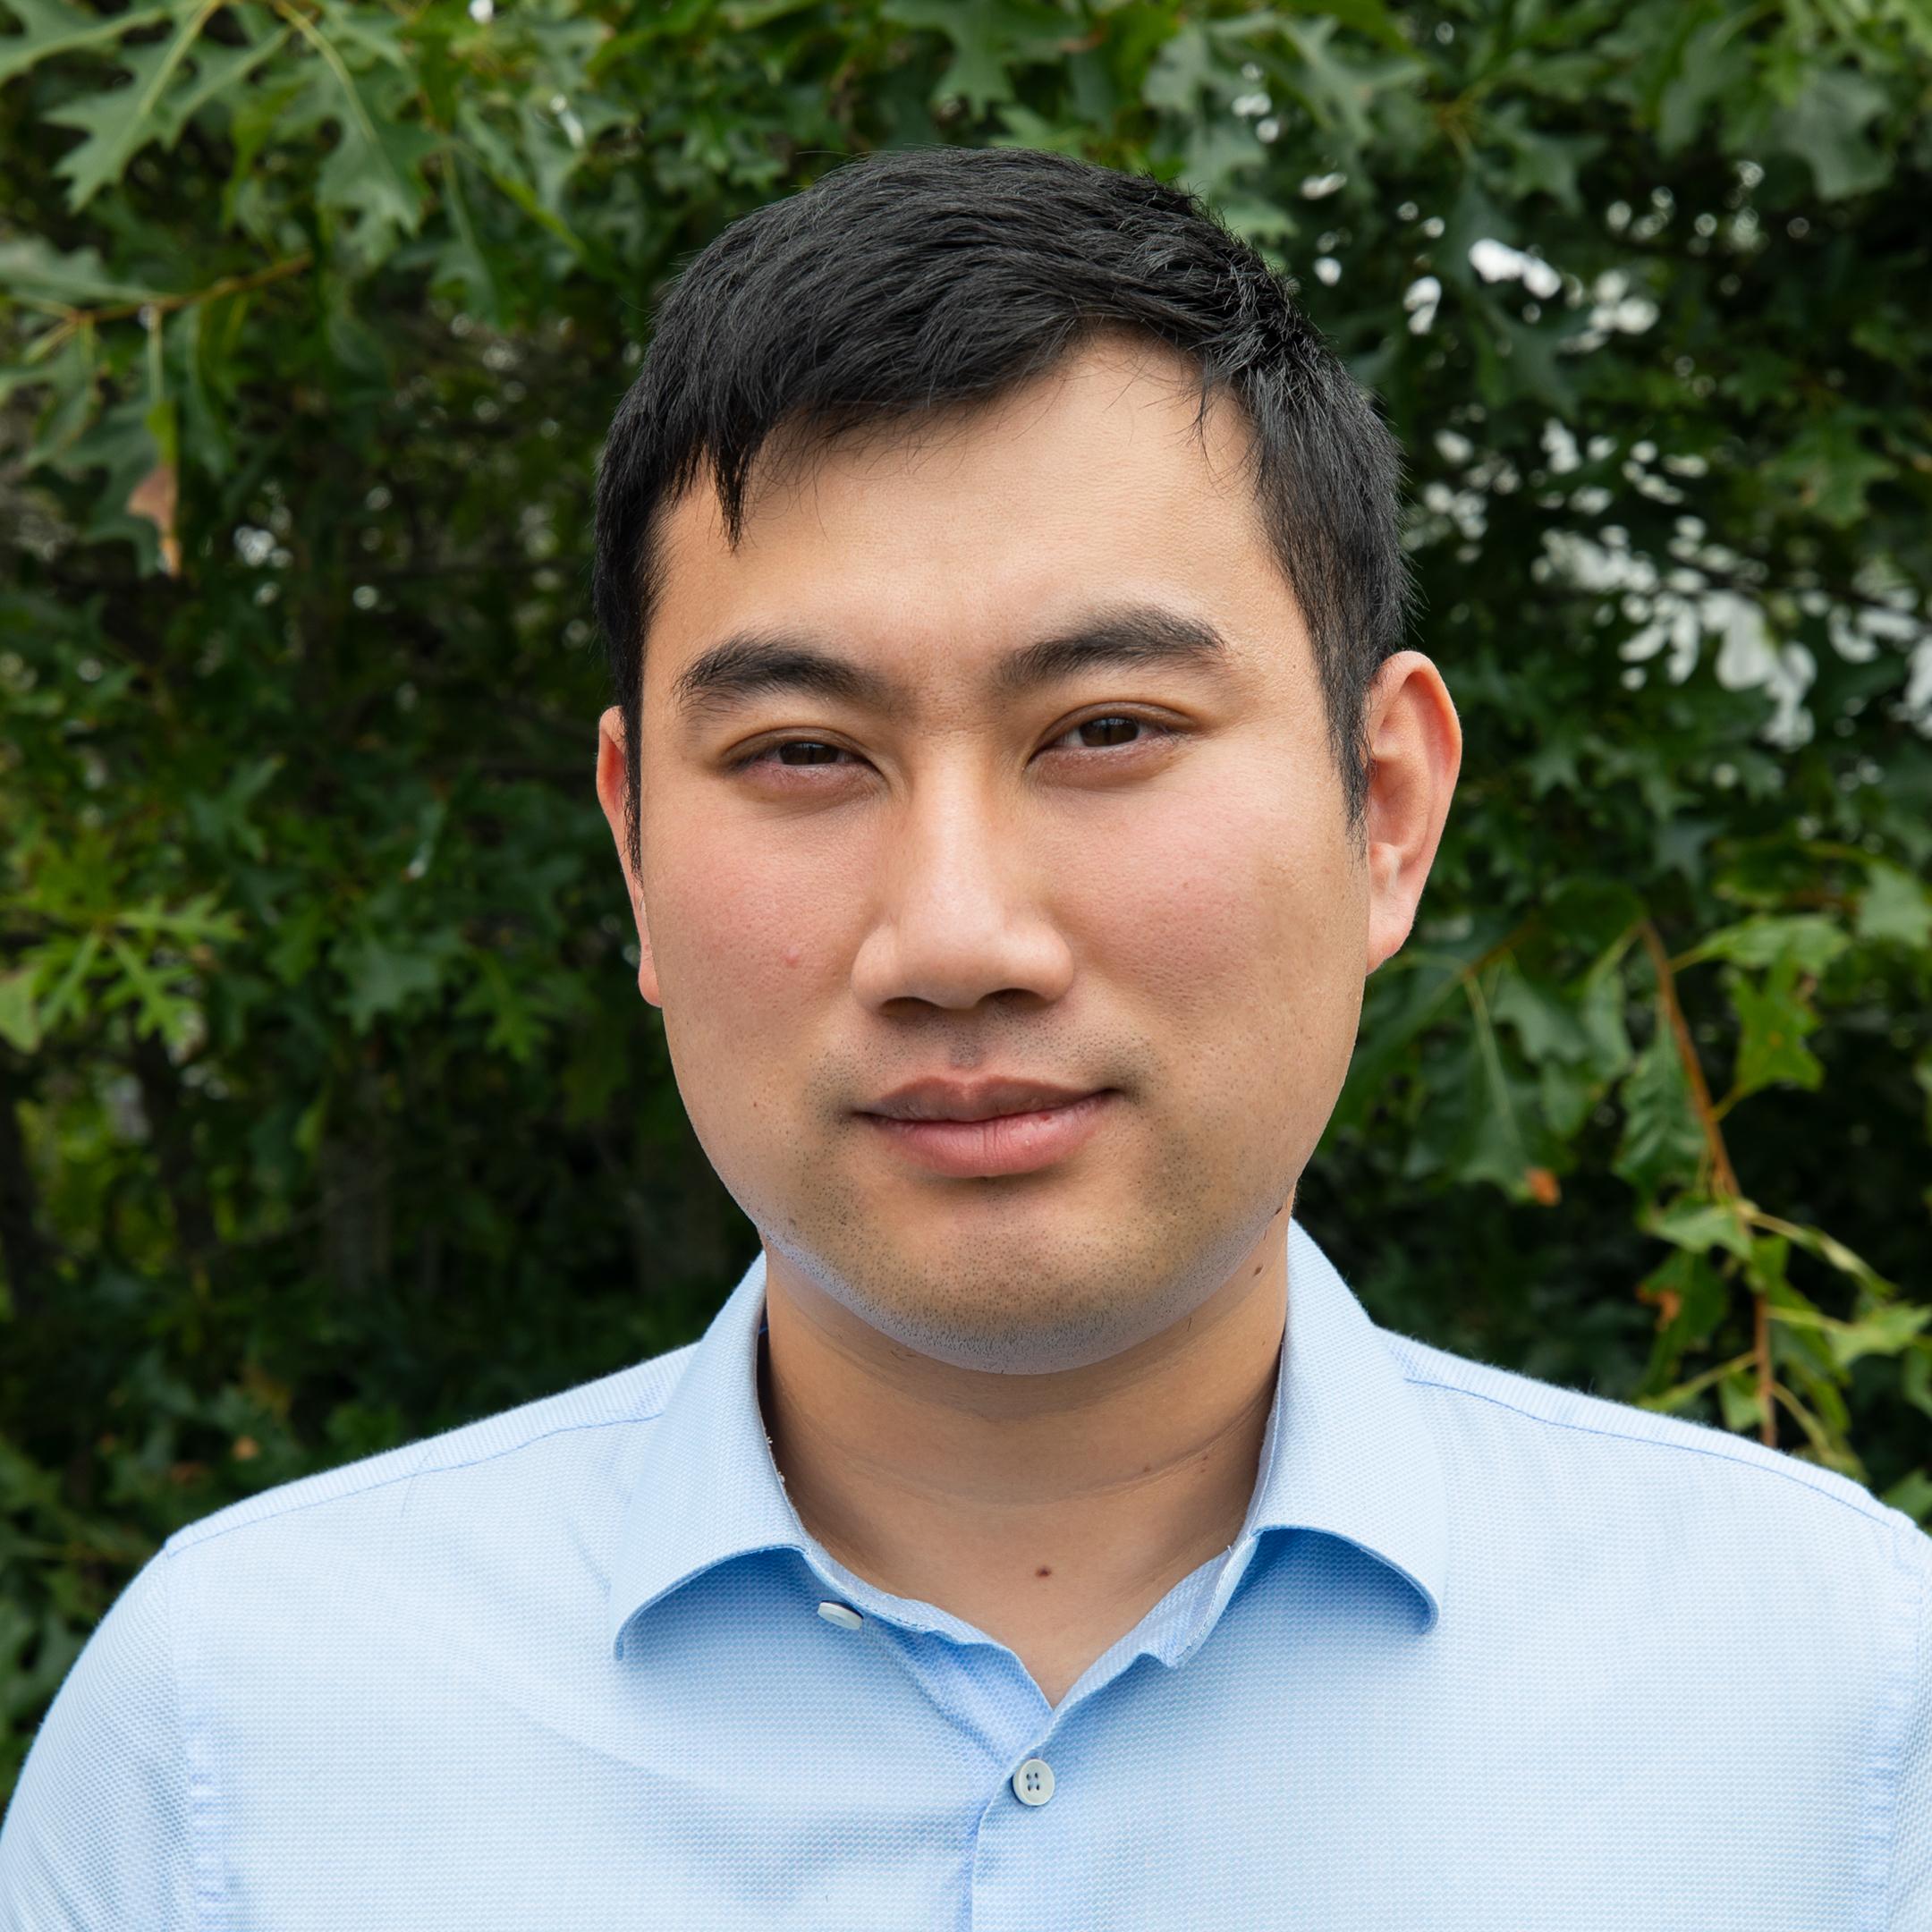 David Gong